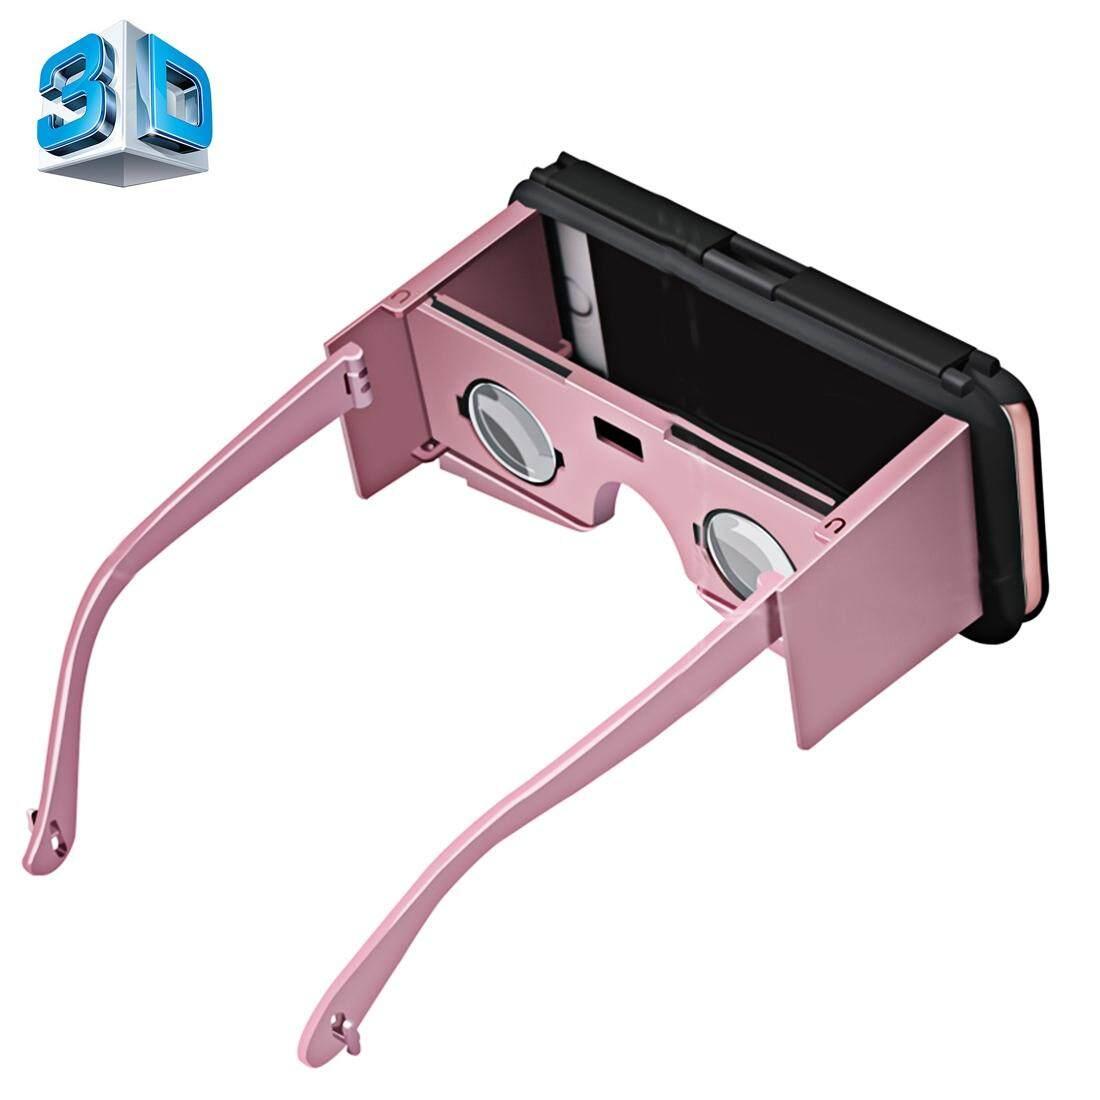 Vr Ốp Lưng 2 Kính Thực Tế Ảo 3D Video Kính Bảo Vệ Chức Năng Cho Iphone 6 Plus Và 6 S Plus